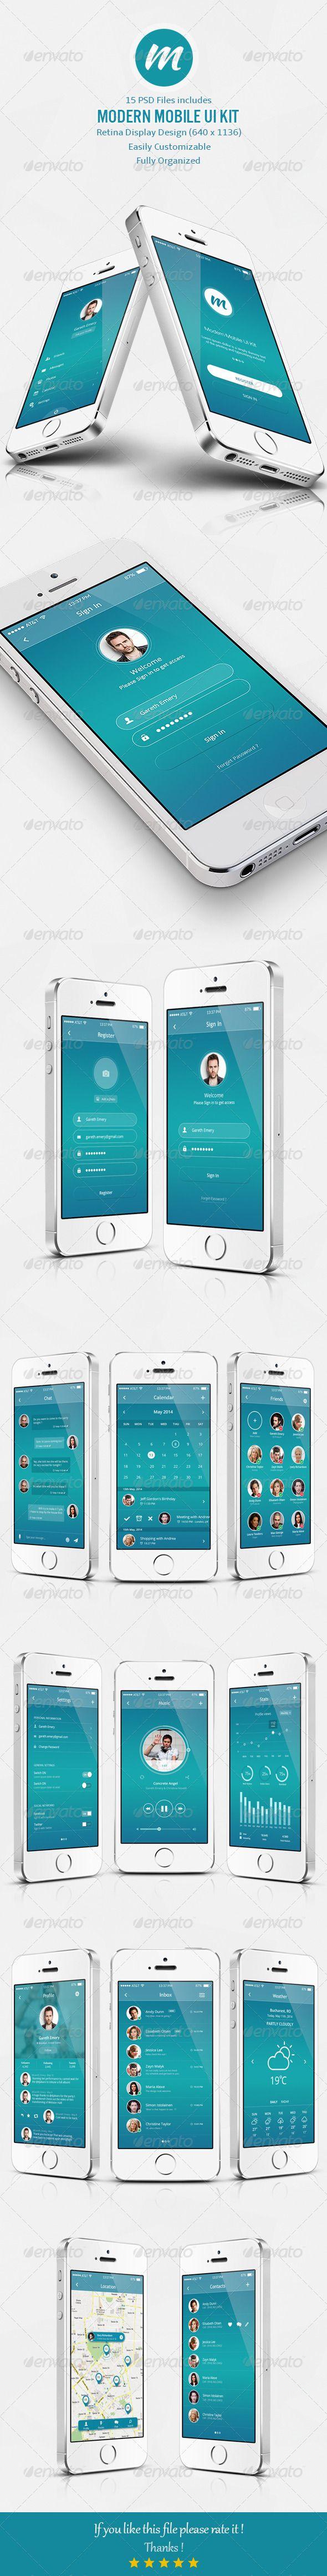 Modern Mobile UI Kit by dant3x.deviantart.com on @deviantART